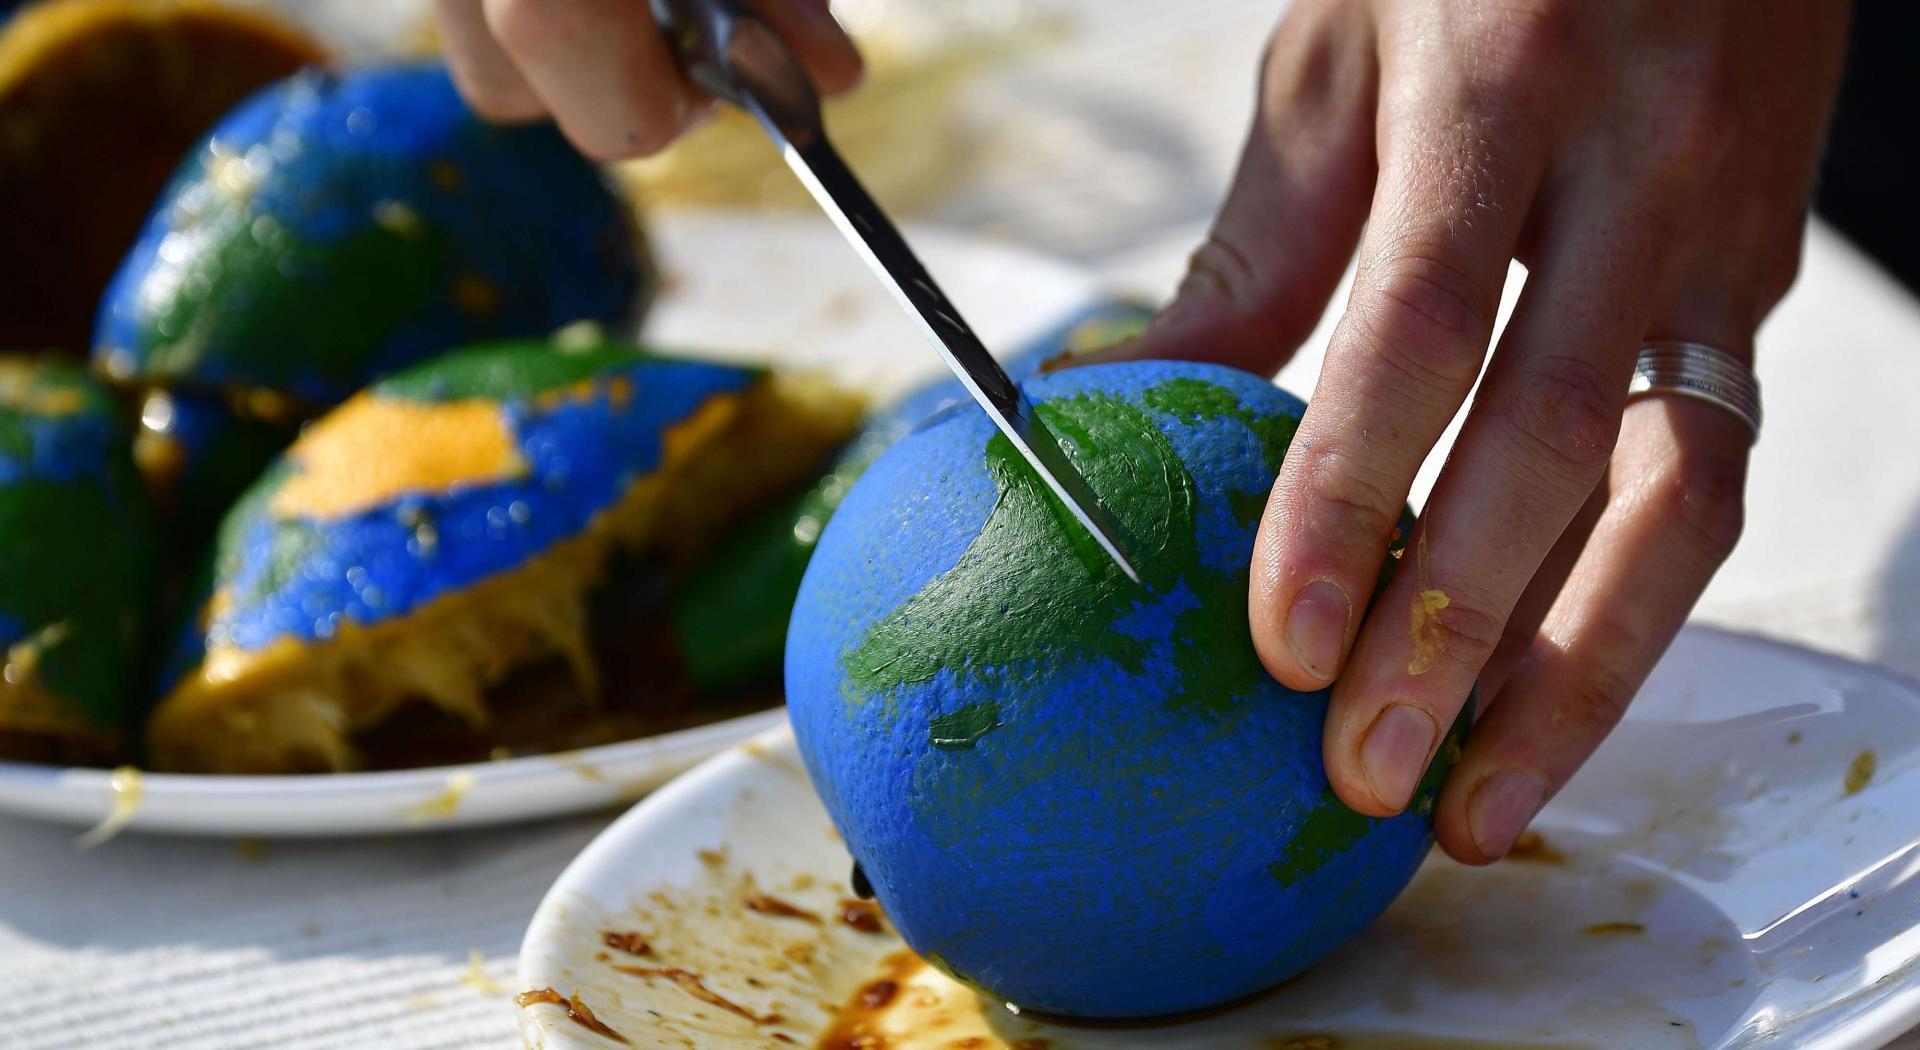 صورة رمزية تشير إلى استهلاك موارد الأرض